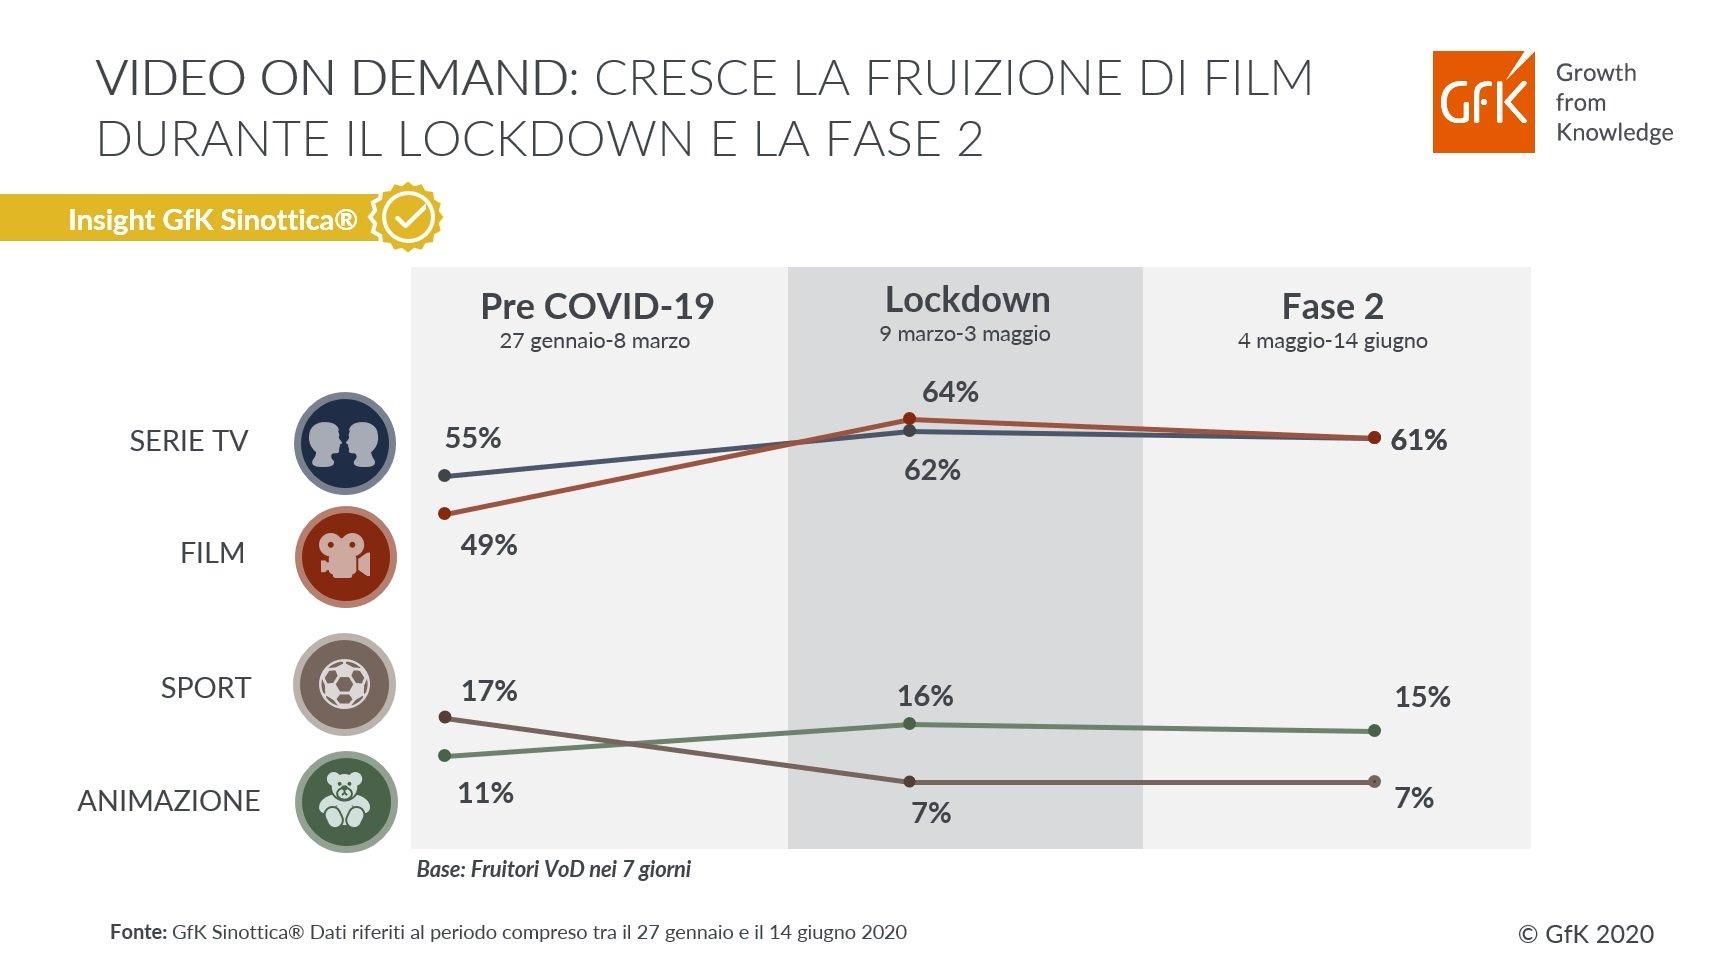 Crescono i Film tra i generi più visti della TV on demand (dati GfK Sinottica)